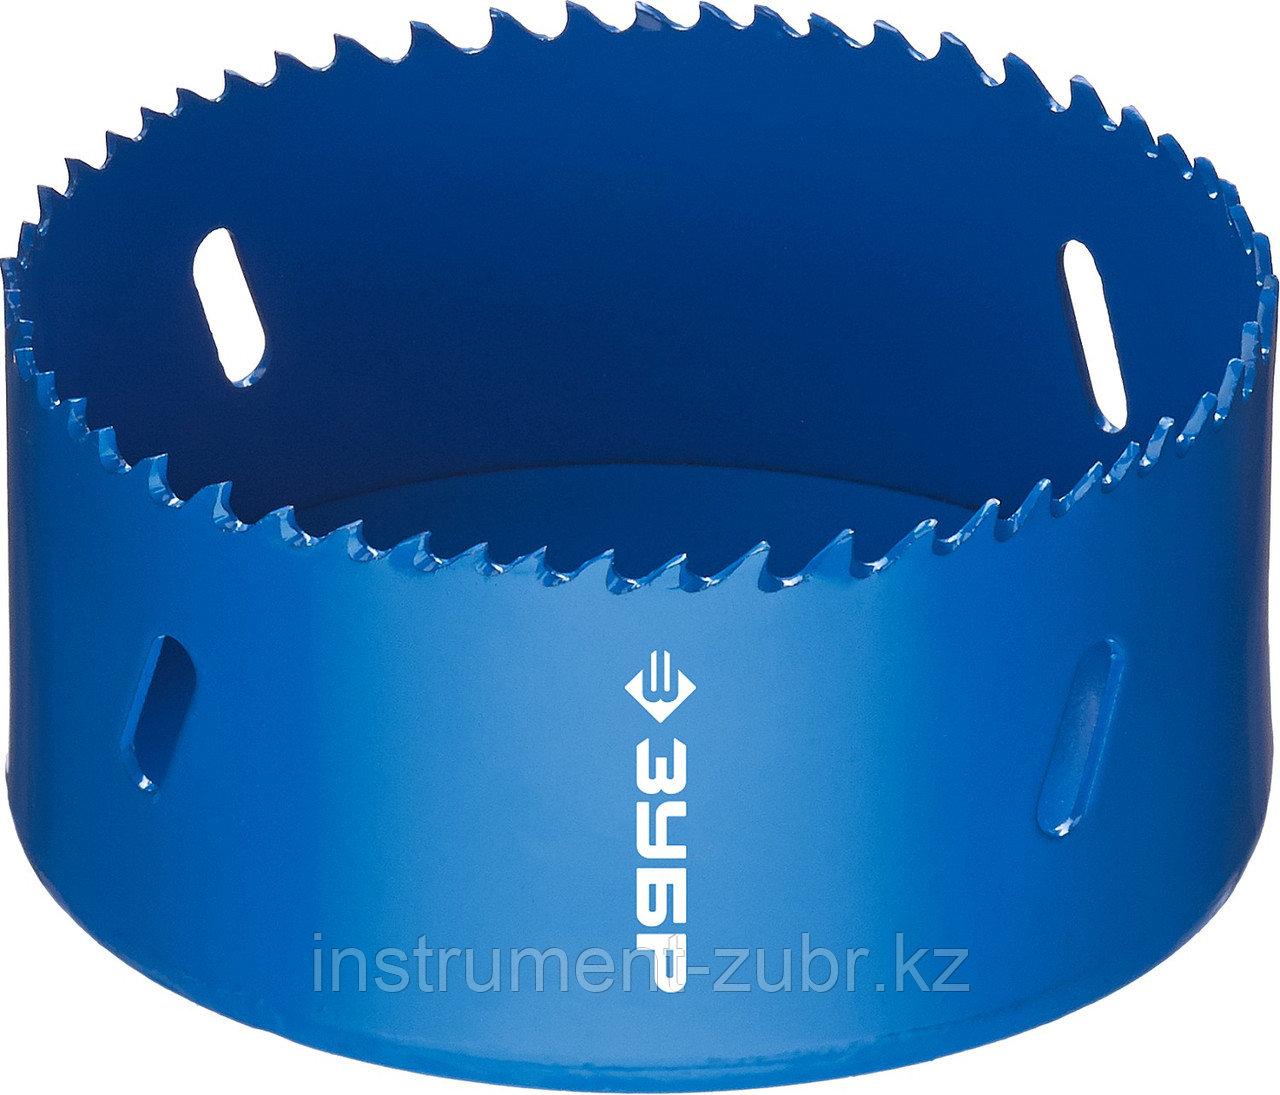 Коронка биметаллическая, быстрорежущая сталь, глубина сверления до 38мм, d-95мм, ЗУБР